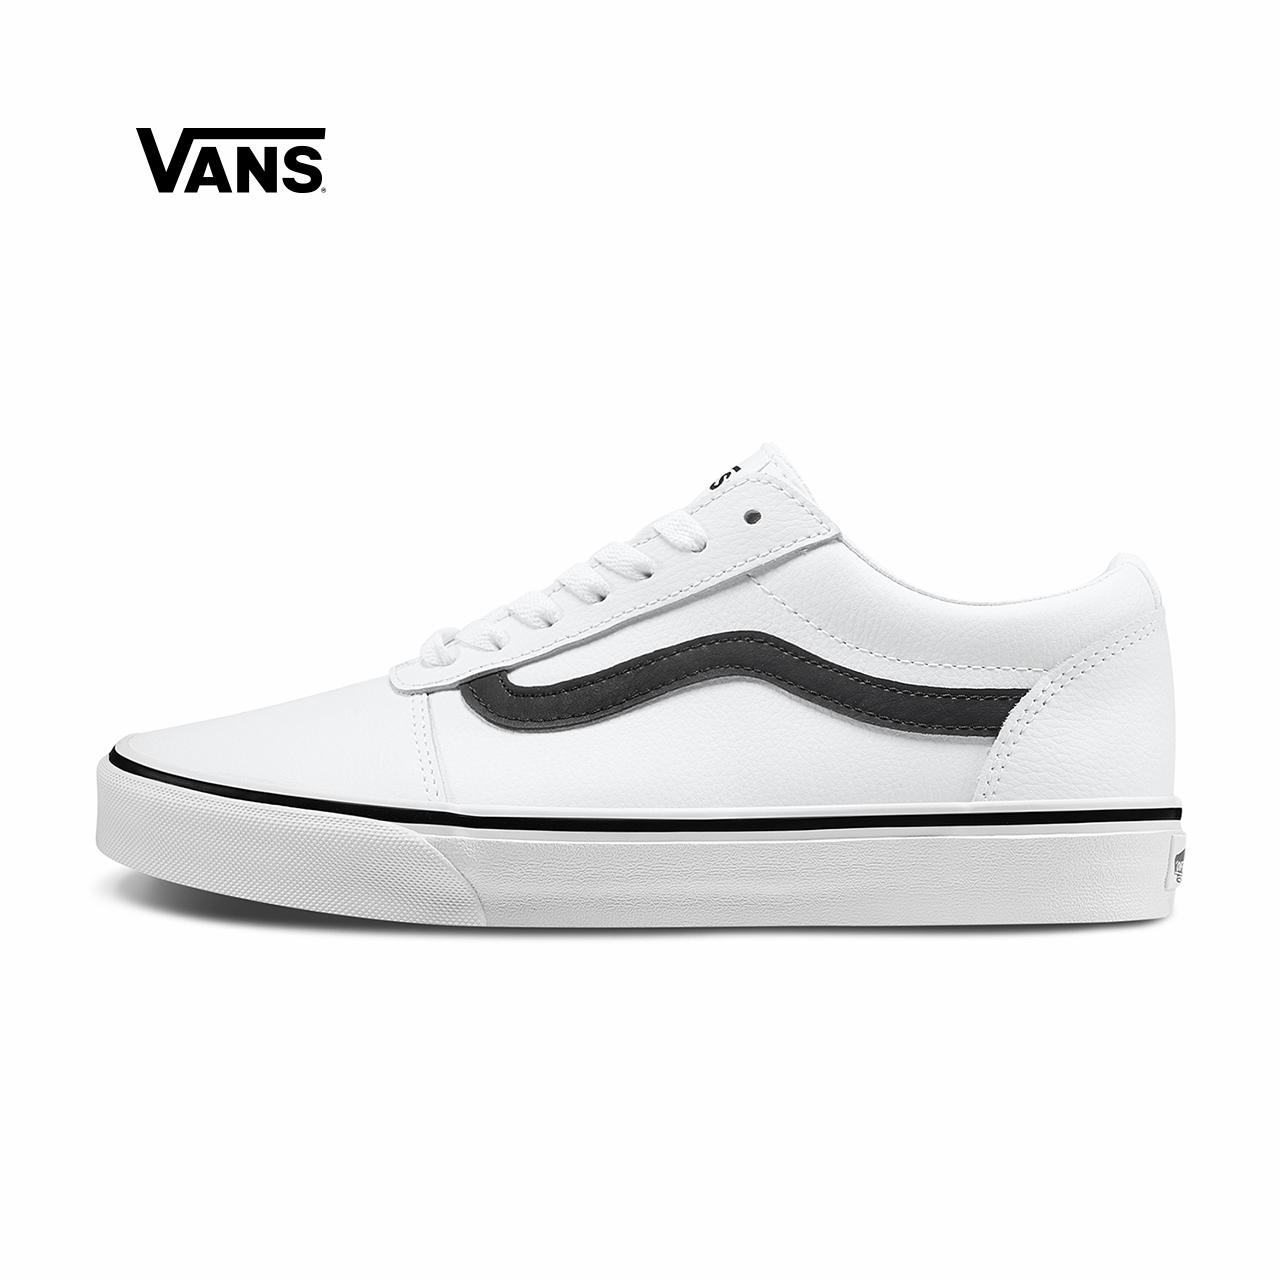 热销216件包邮Vans范斯 运动休闲系列 运动鞋 低帮男子白色侧边条纹官方正品